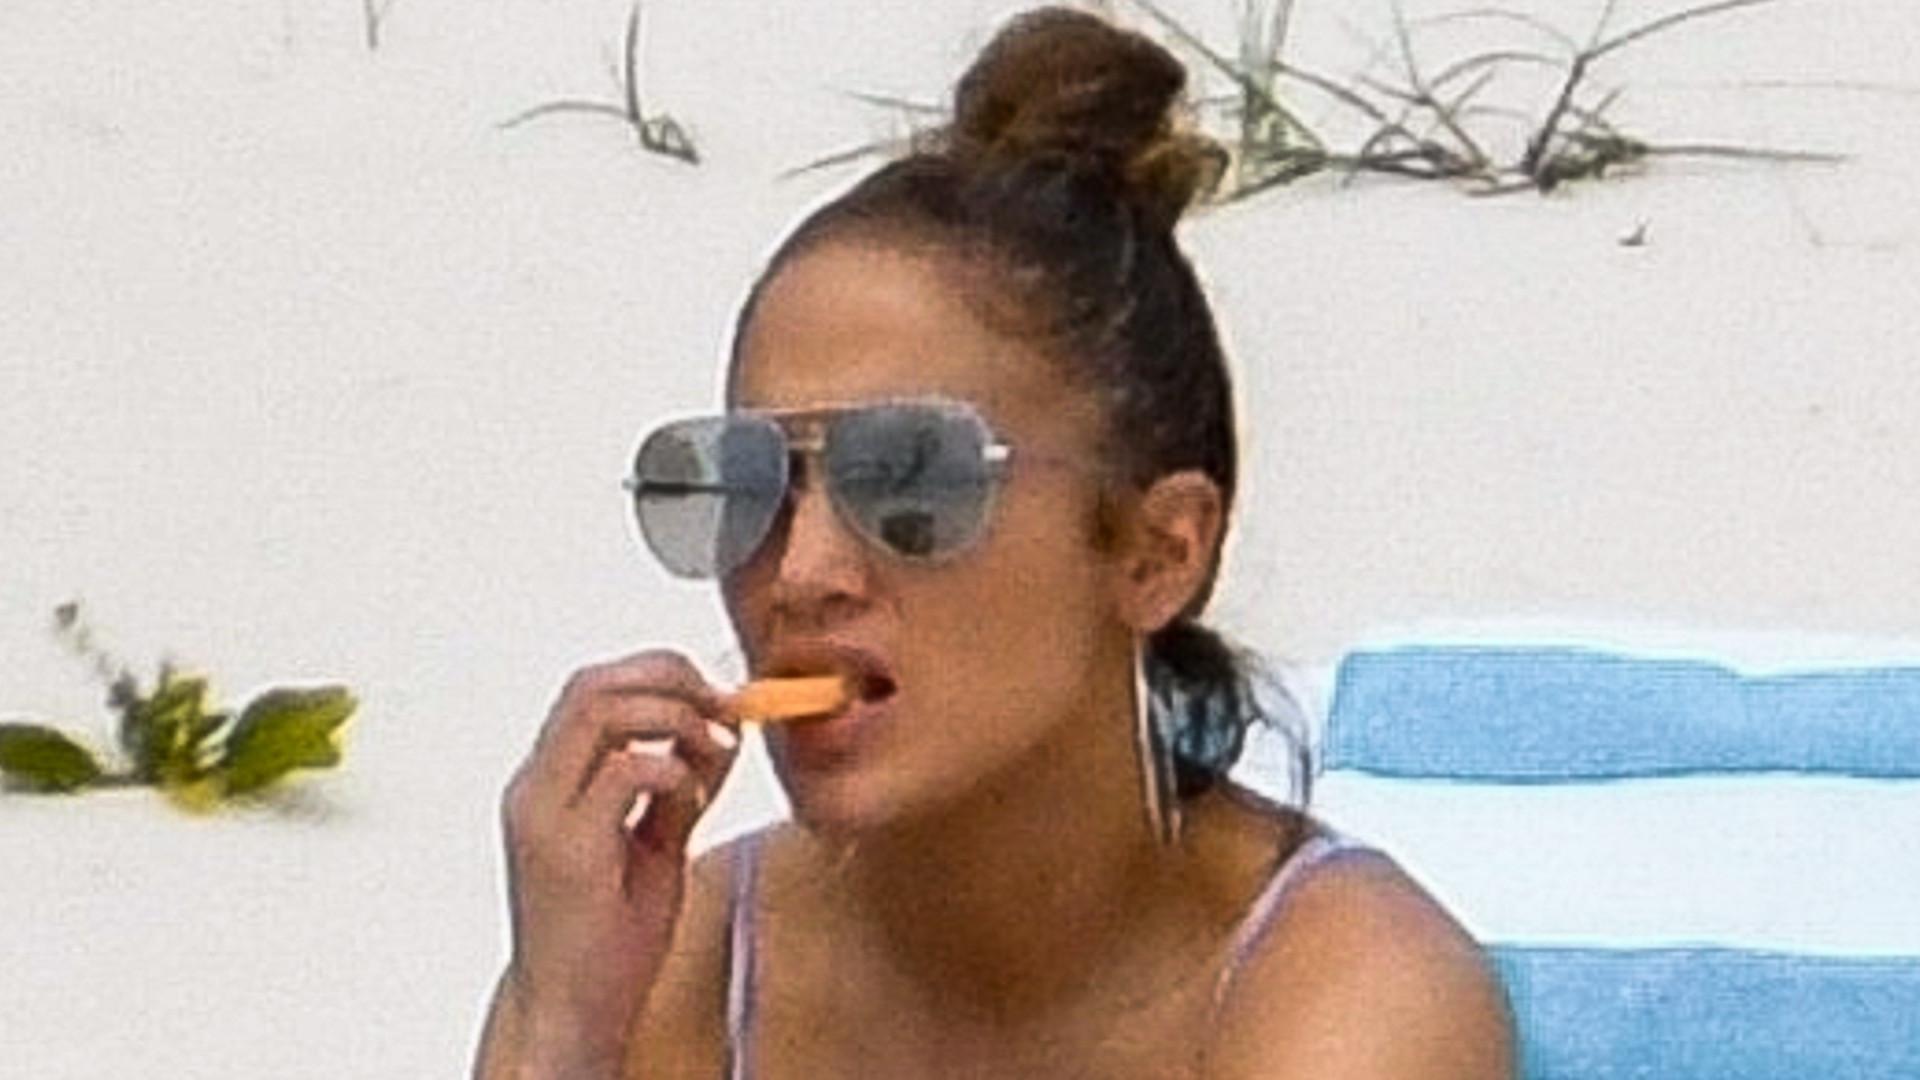 Jennifer Lopez w bikini z narzeczonym – uciekli przed plotkami o zdradzie?